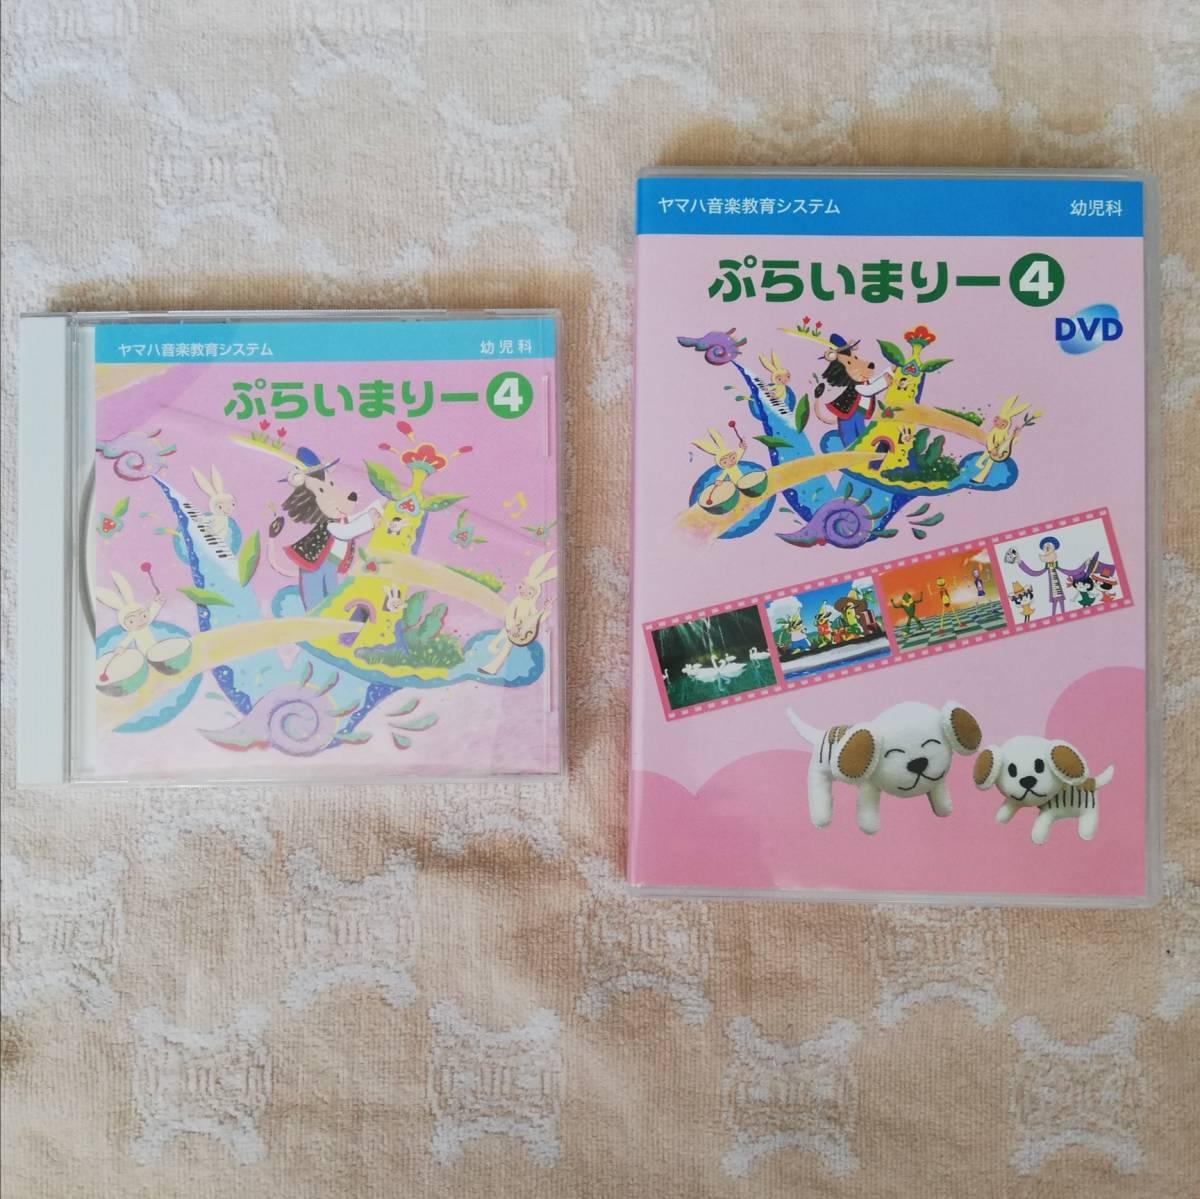 ☆ヤマハ音楽教室☆ 幼児科 ぷらいまりー④ CD DVD 2枚セット